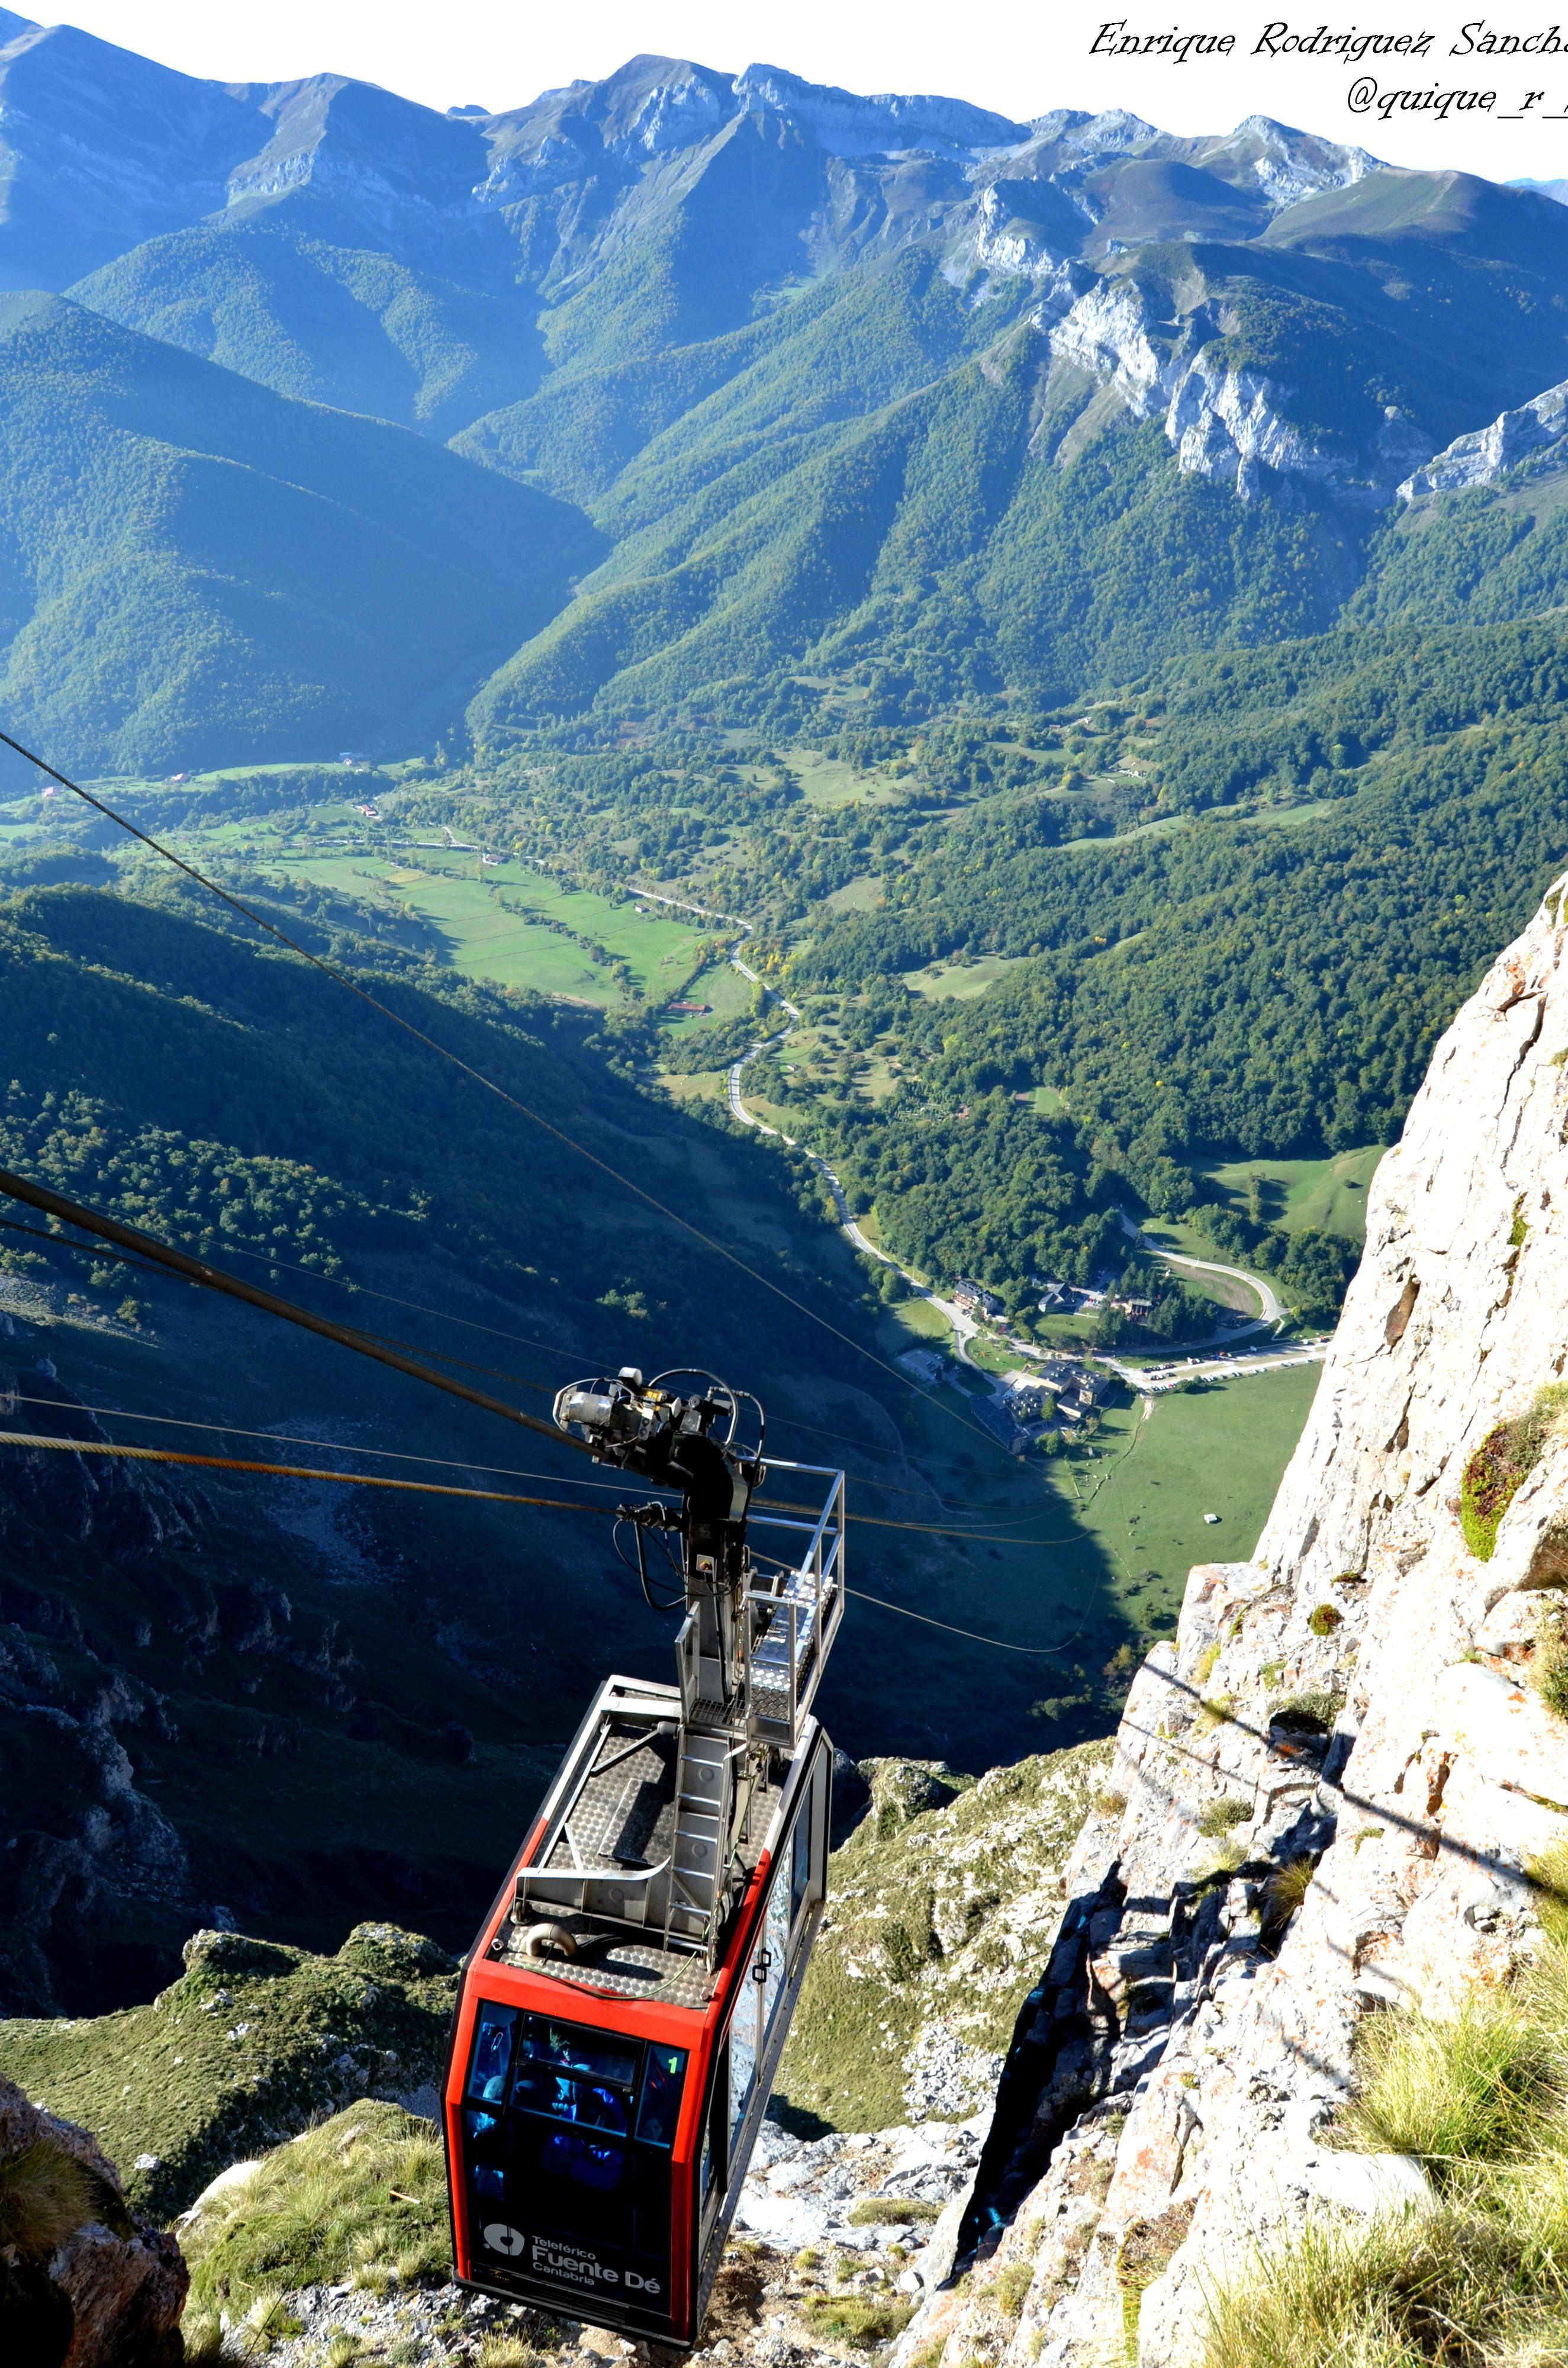 Los valles Lebaniegos desde el mirador del Cable